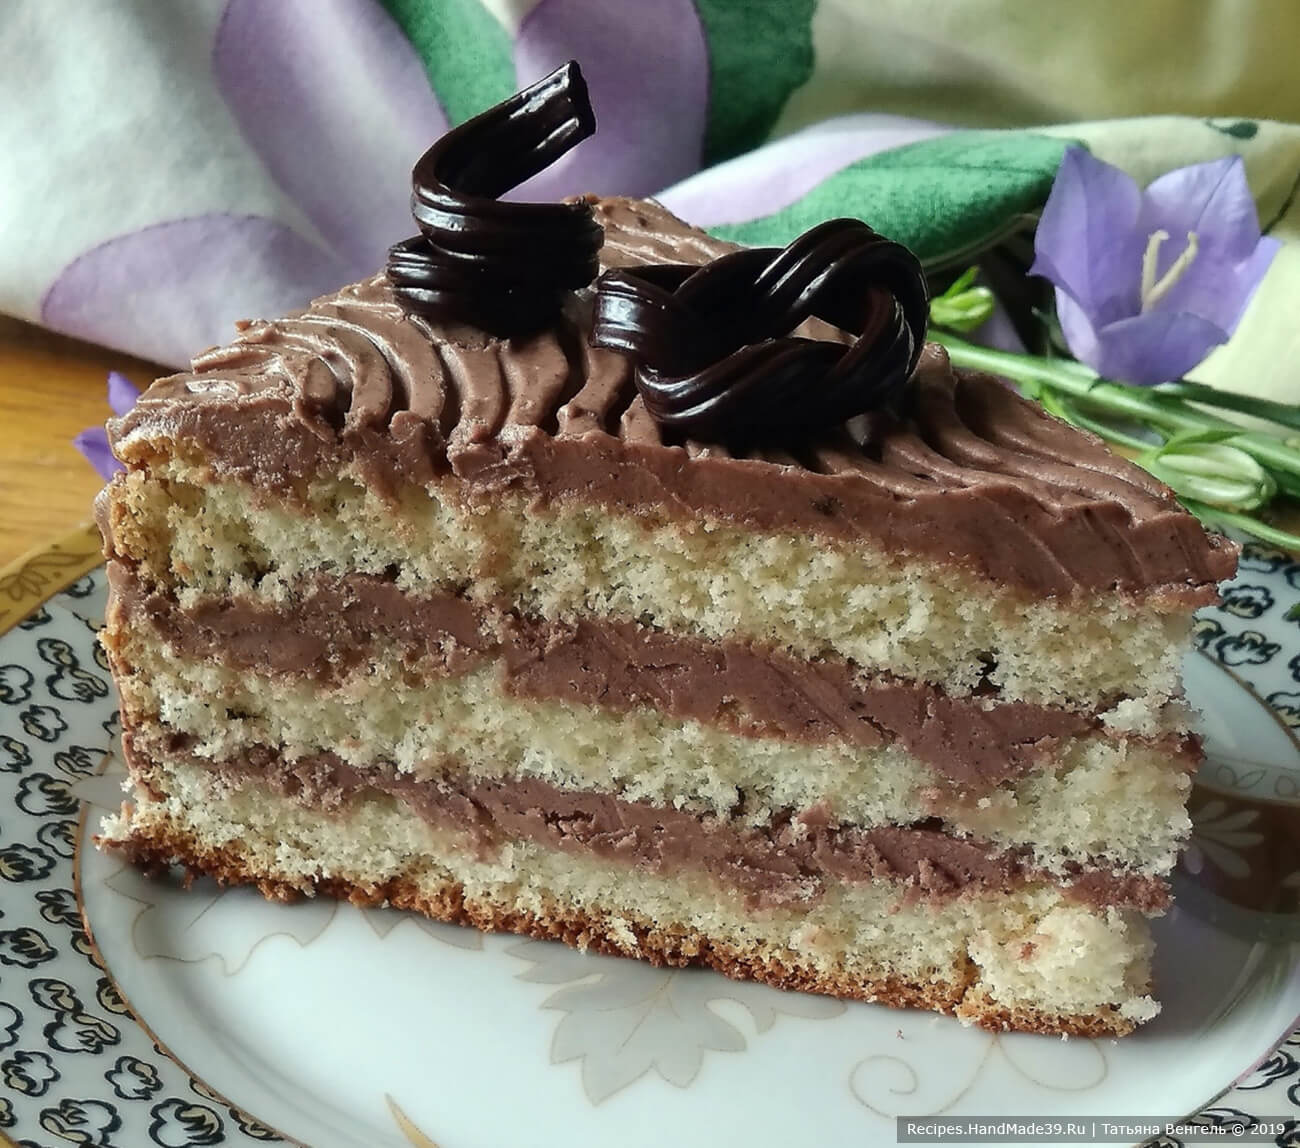 Торт «Трюфель» с шоколадным кремом «Шарлотт» – пошаговый кулинарный рецепт с фото